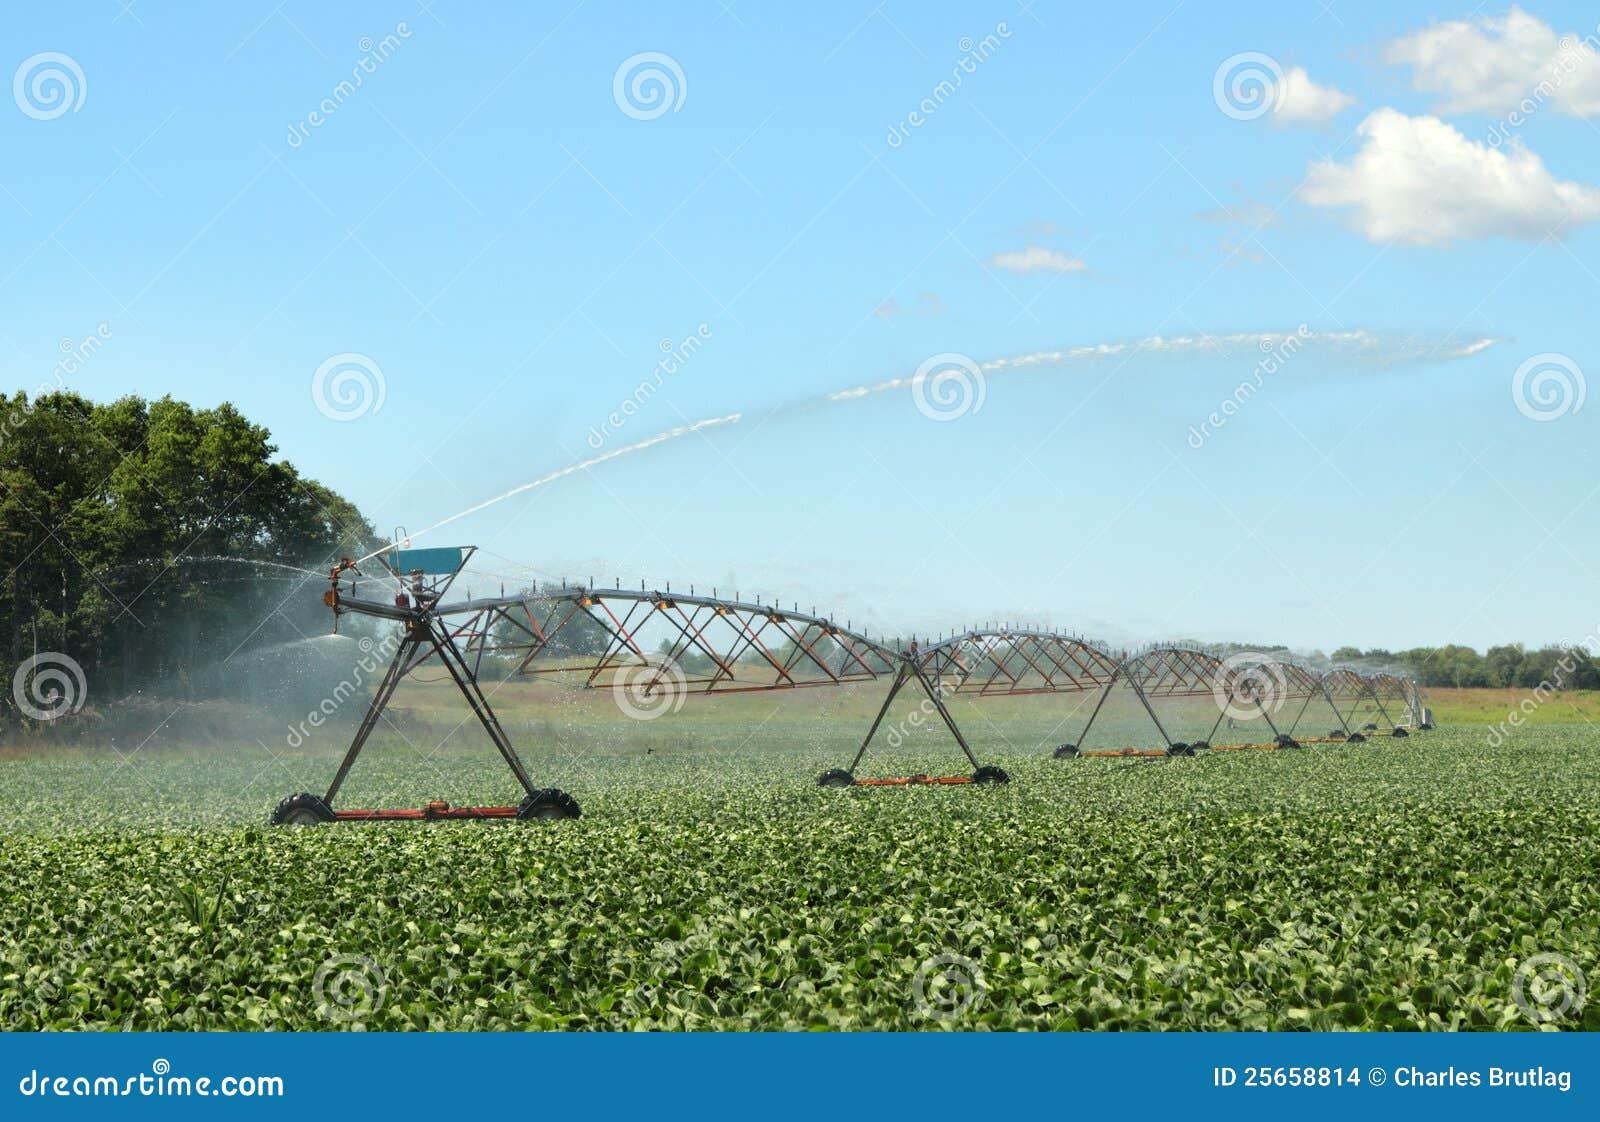 haricots de arrosage de soja photo stock - image du agriculture